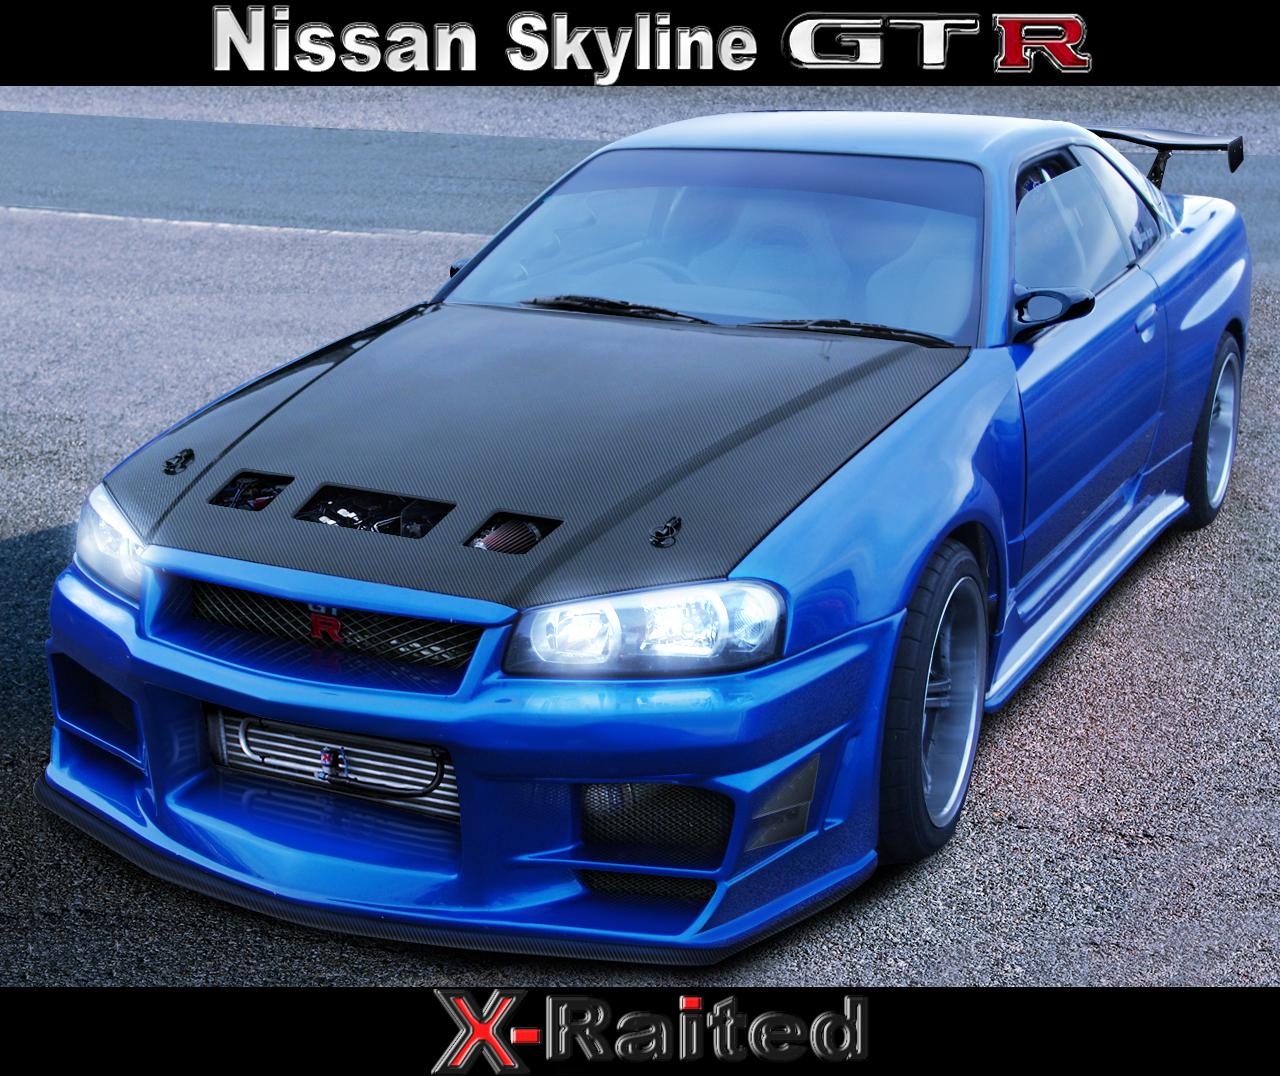 Skyline Car : Nissan Skyline GT-R